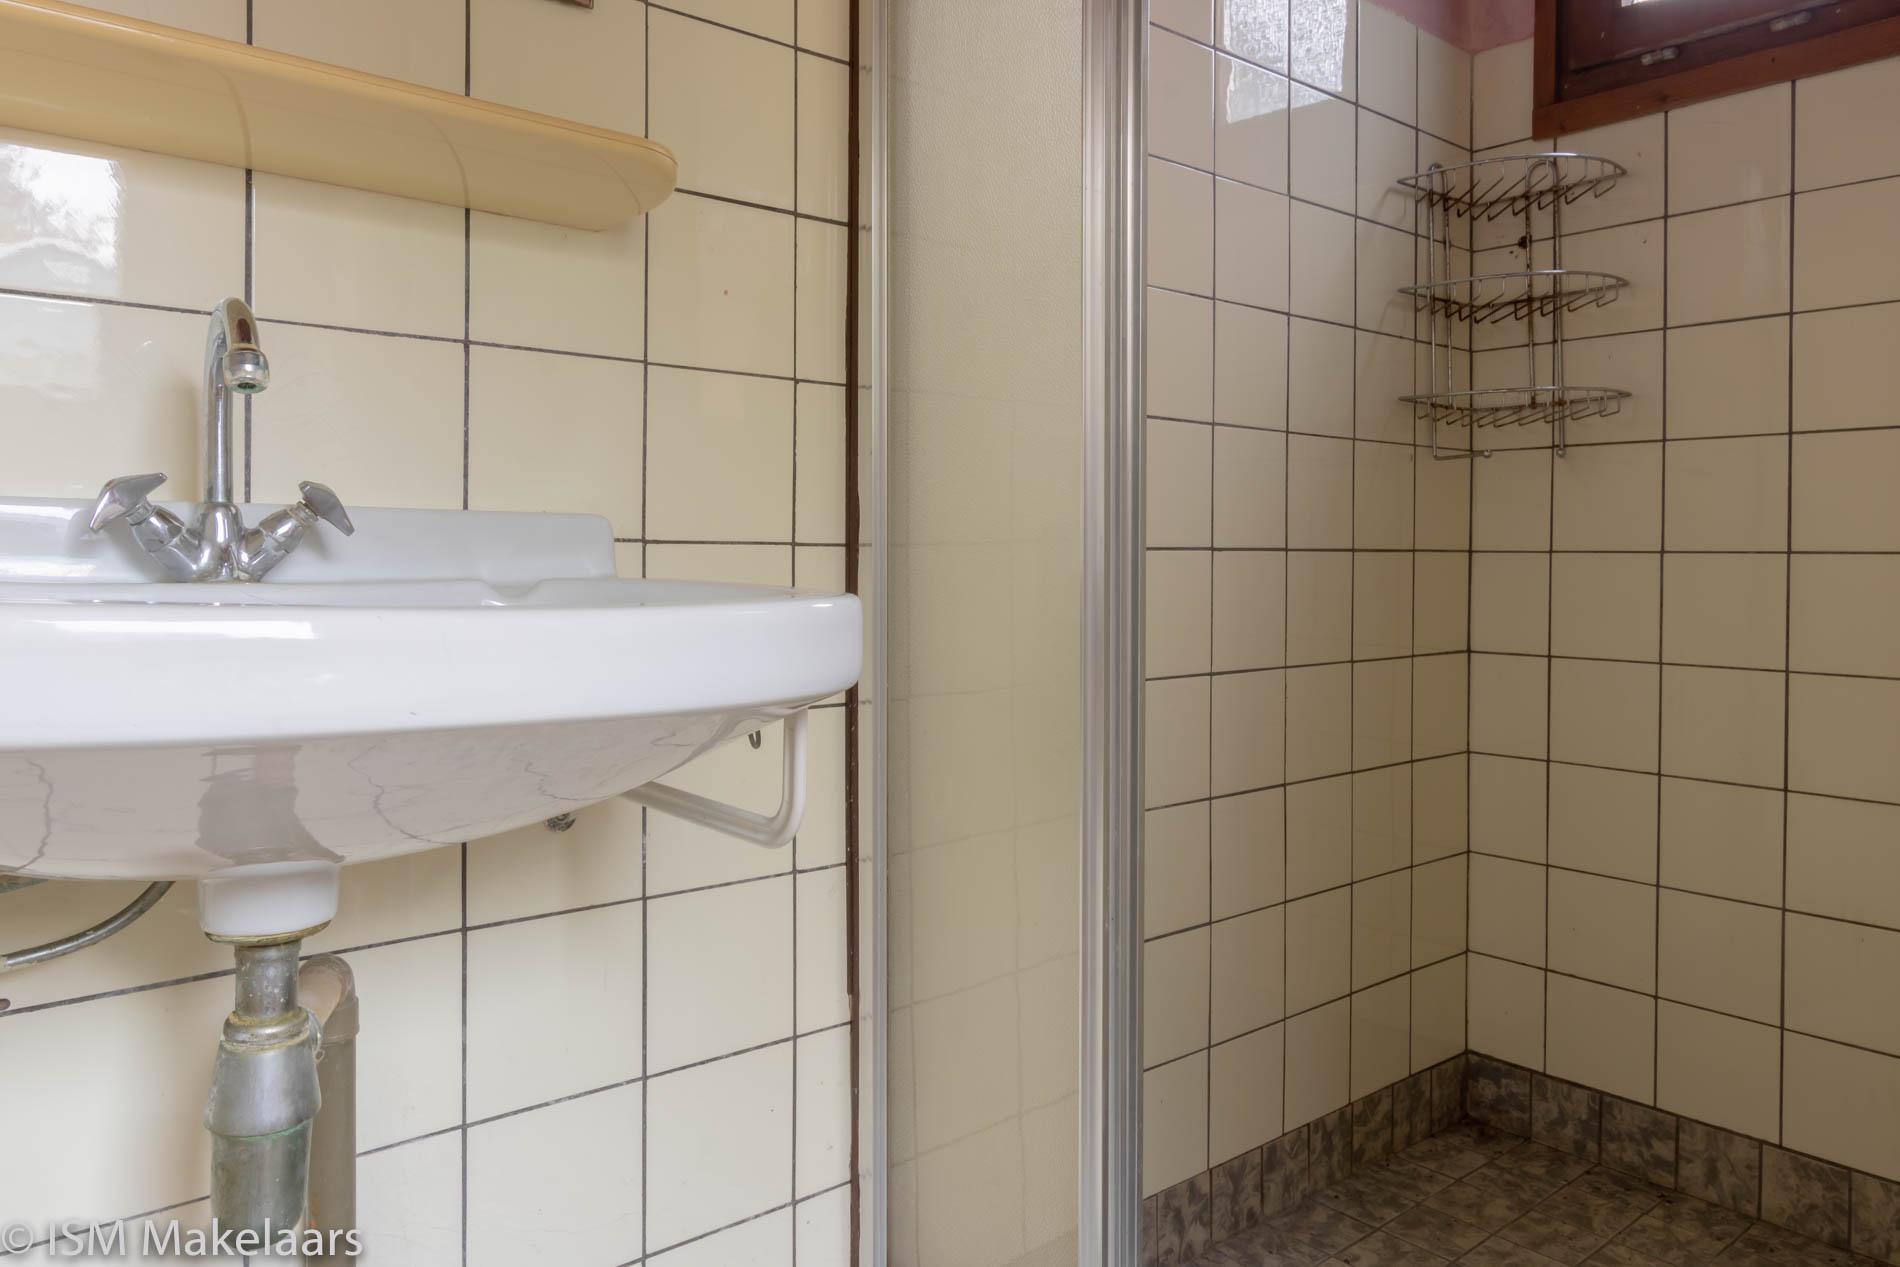 badkamer willemsweg 49 schoondijke ism makelaars